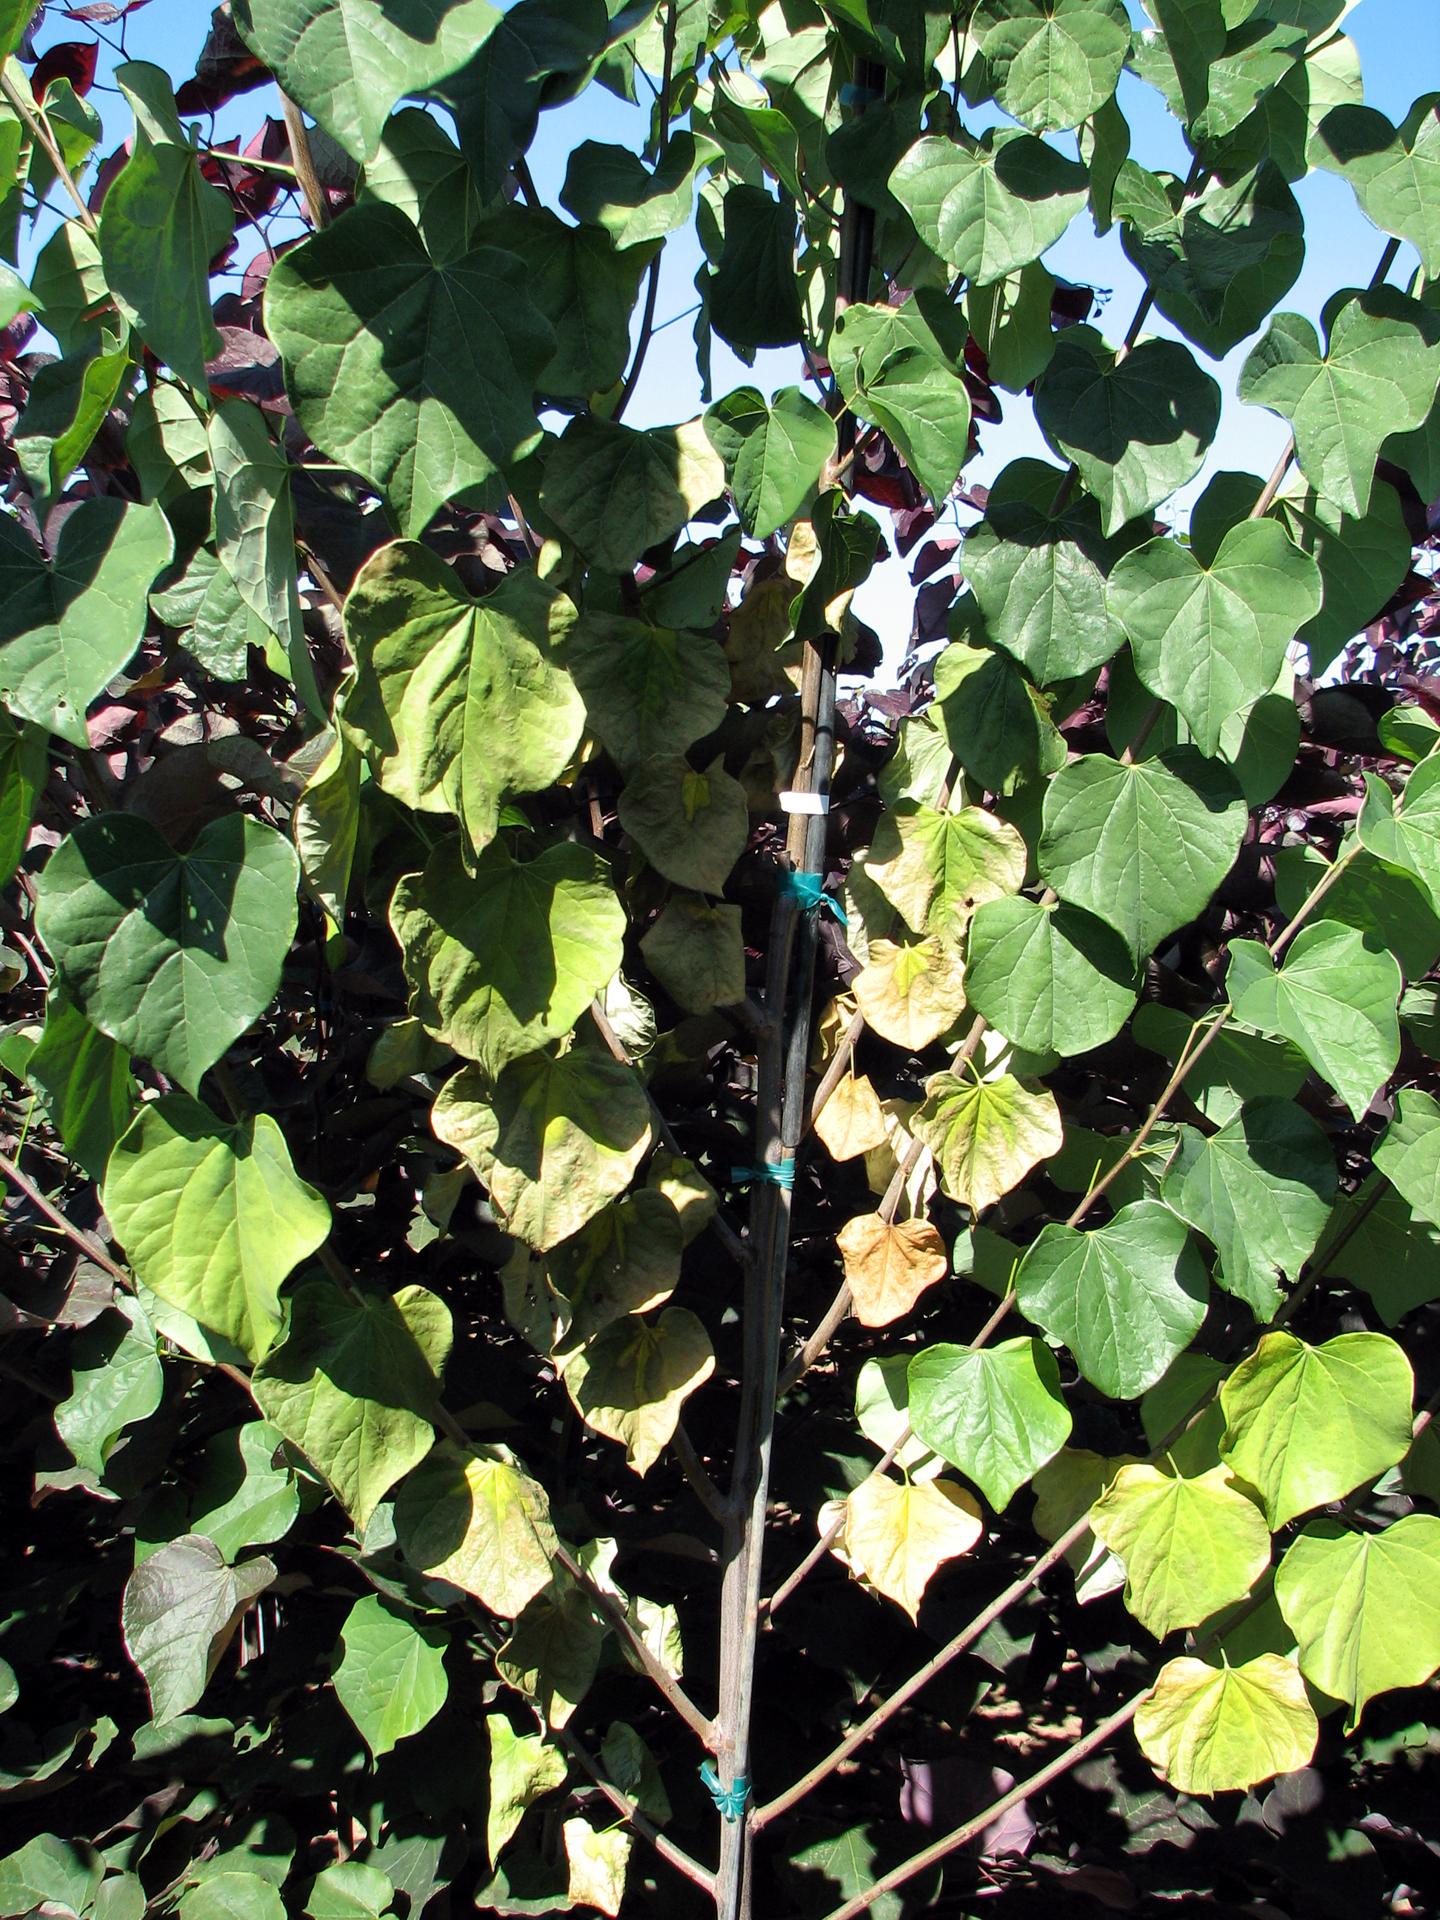 Image Related To Verticillium Wilt In The Pacific Northwest